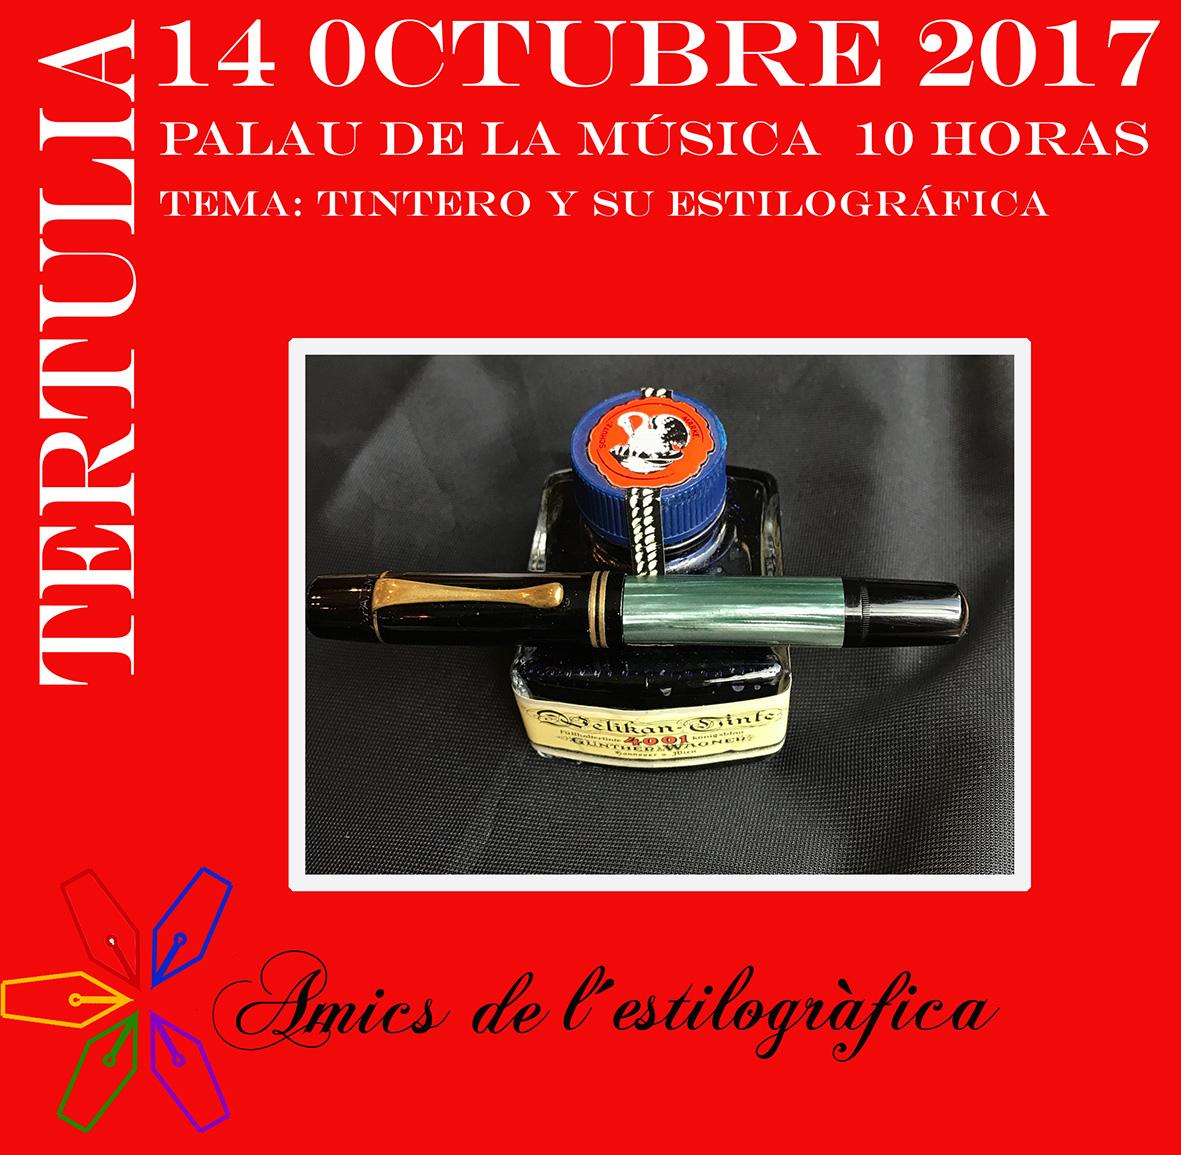 58 TERTULIA DÍA 14-10-2017 (TINTERO Y SU ESTILOGRÁFICA)